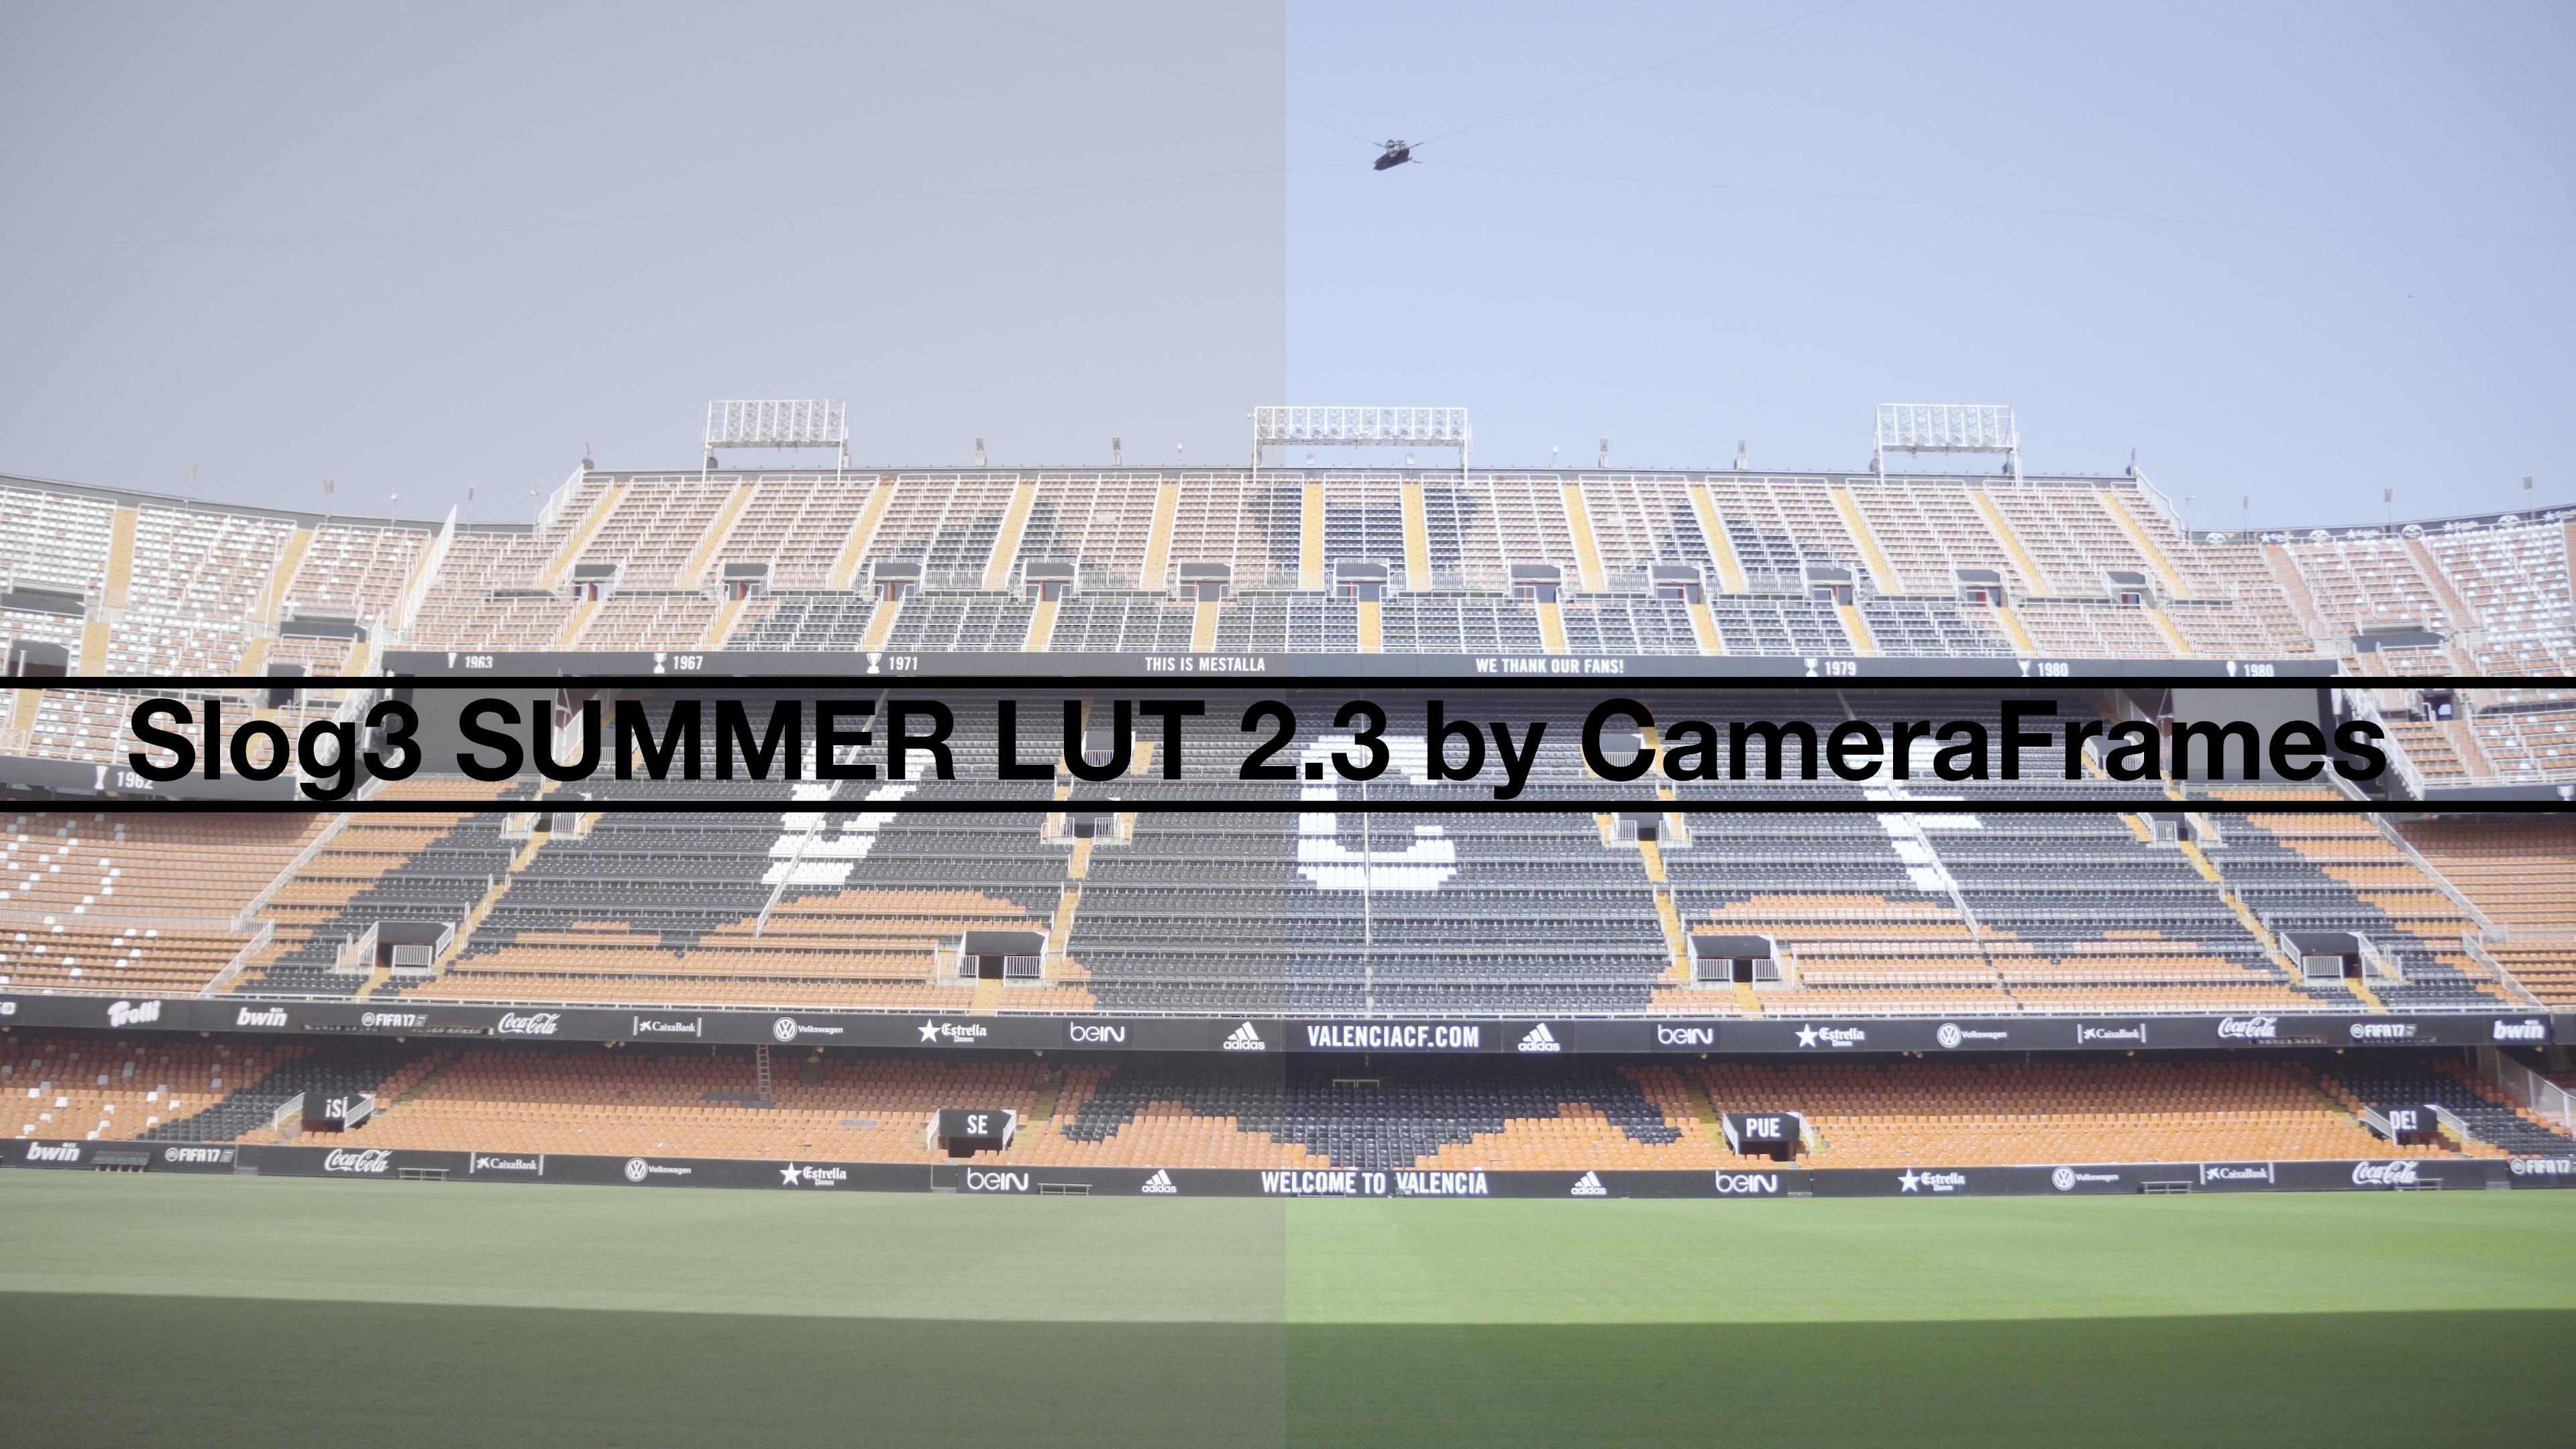 Slog3 Summer LUT 2.3 by CameraFrames